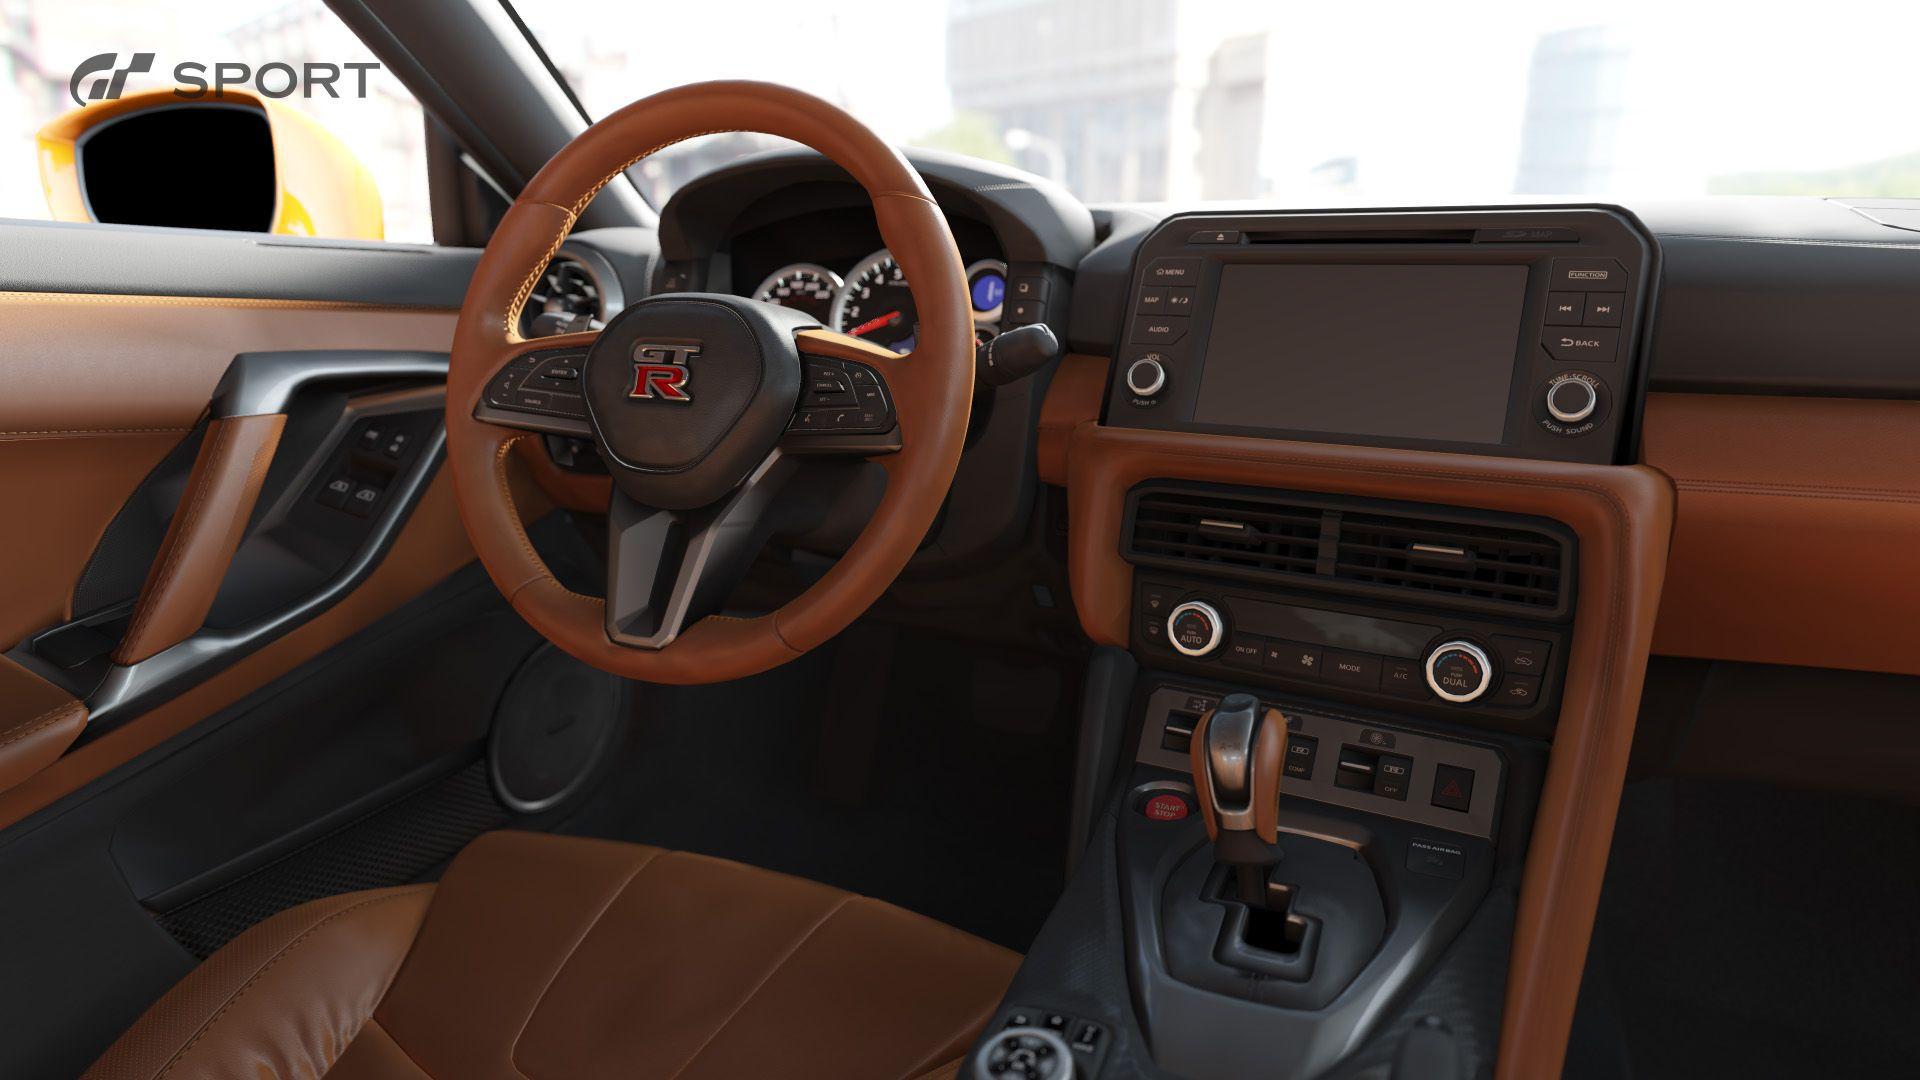 interior_nissan_gt_r_83ube.jpg